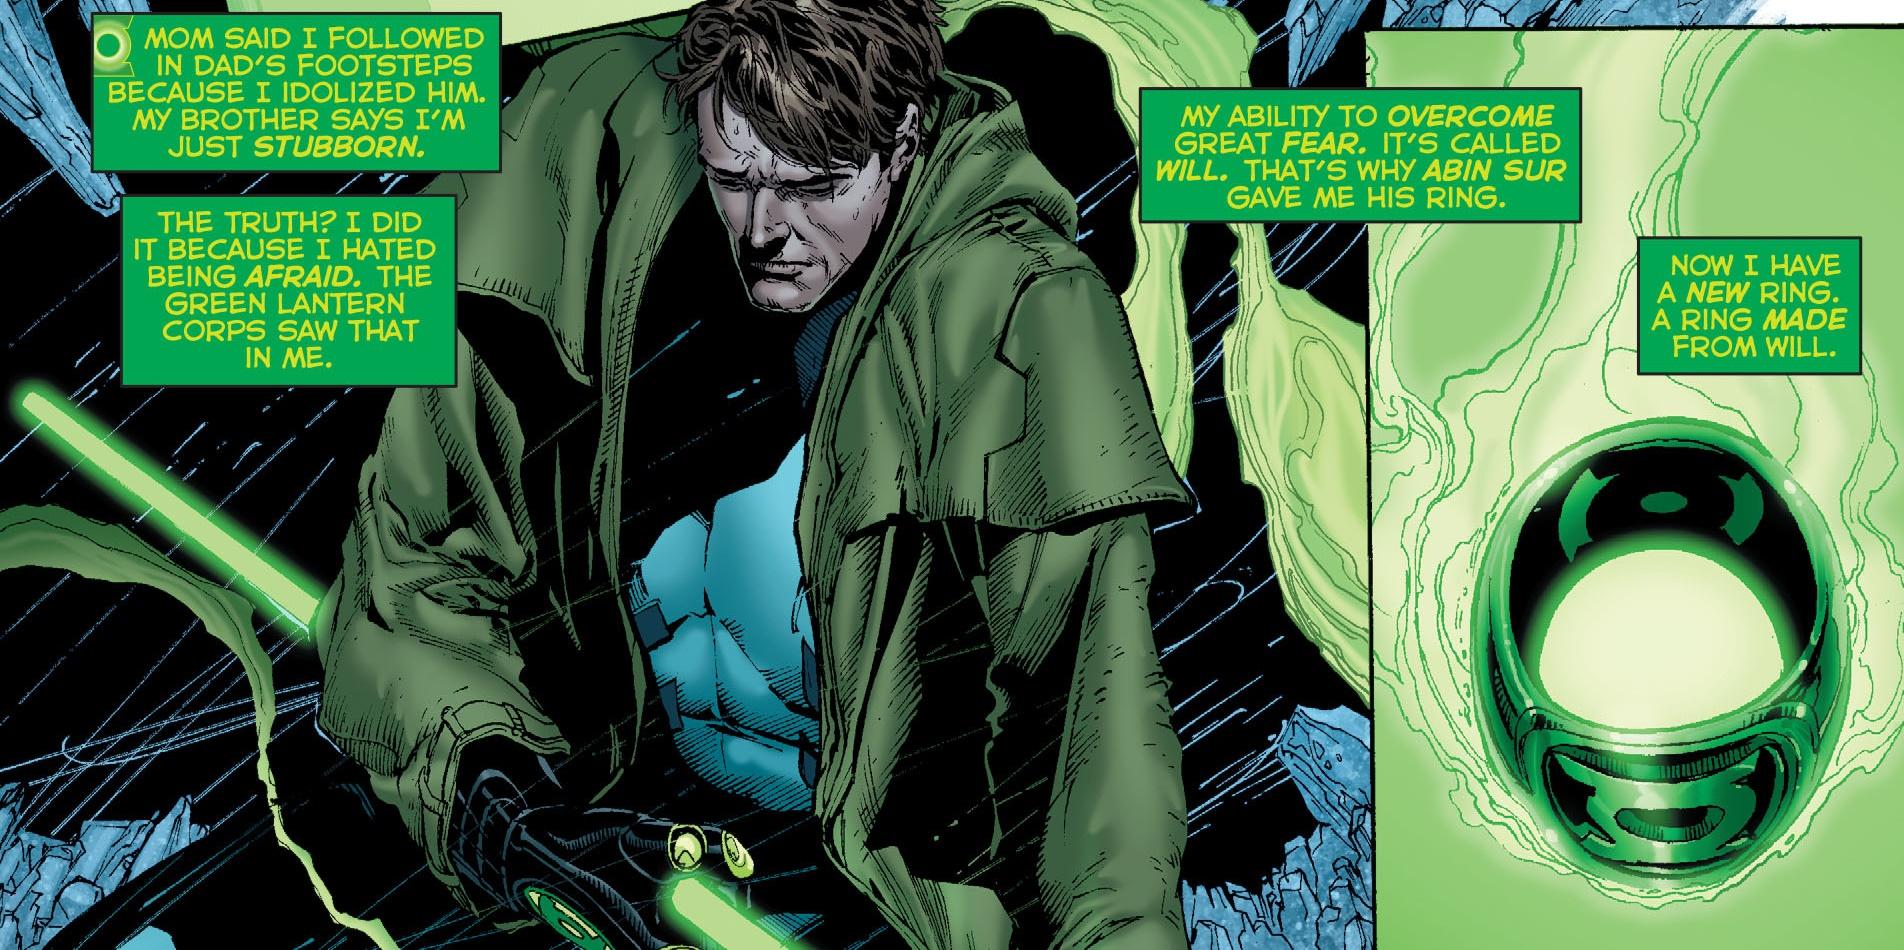 Green Lantern Phantom Ring Suit